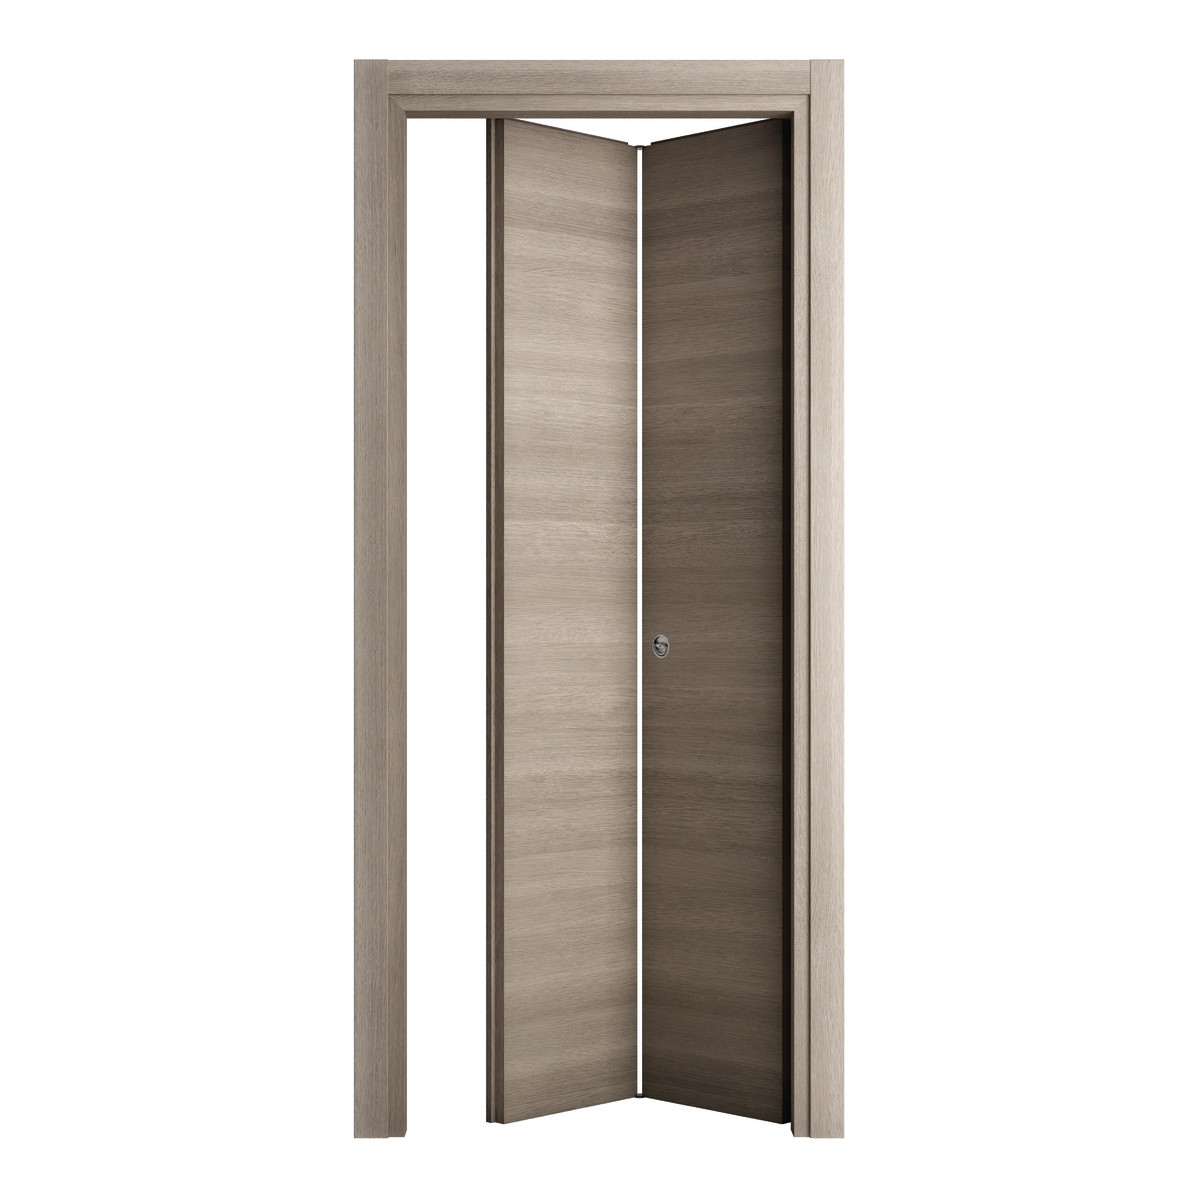 Porte scorrevoli in legno esterno muro - Porta a libro leroy merlin ...